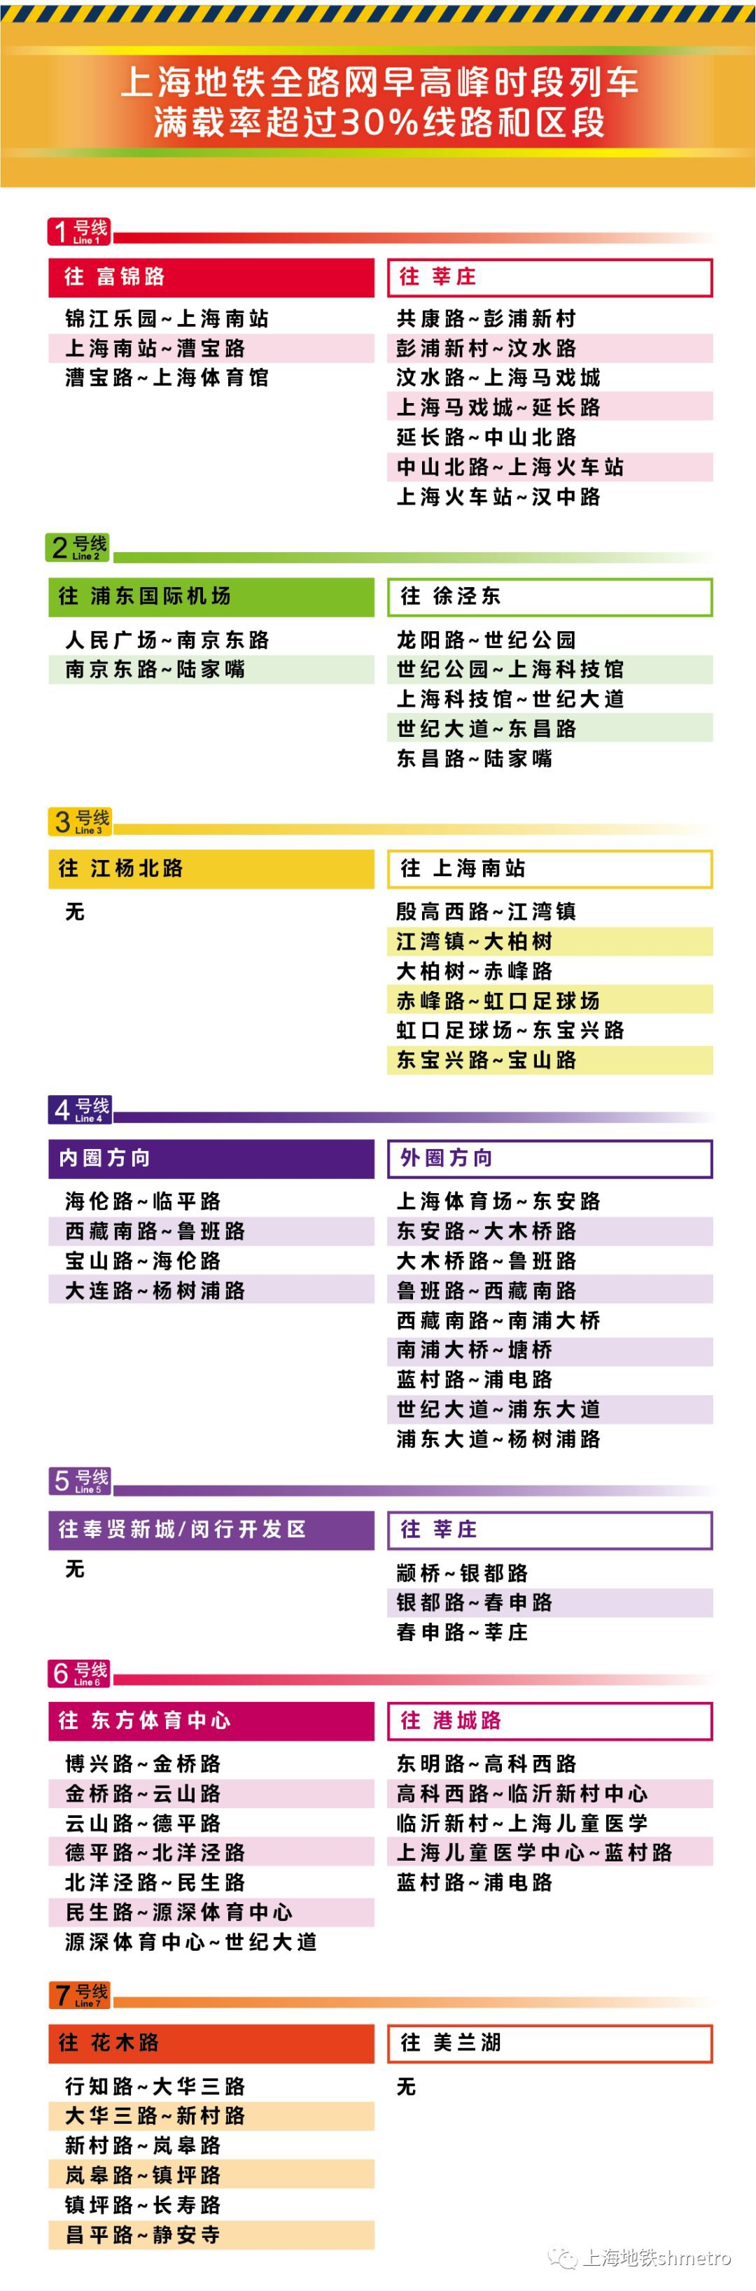 3月9日起(qi) 上海25座(zuo)地鐵站實施早高峰(feng)限流(liu)